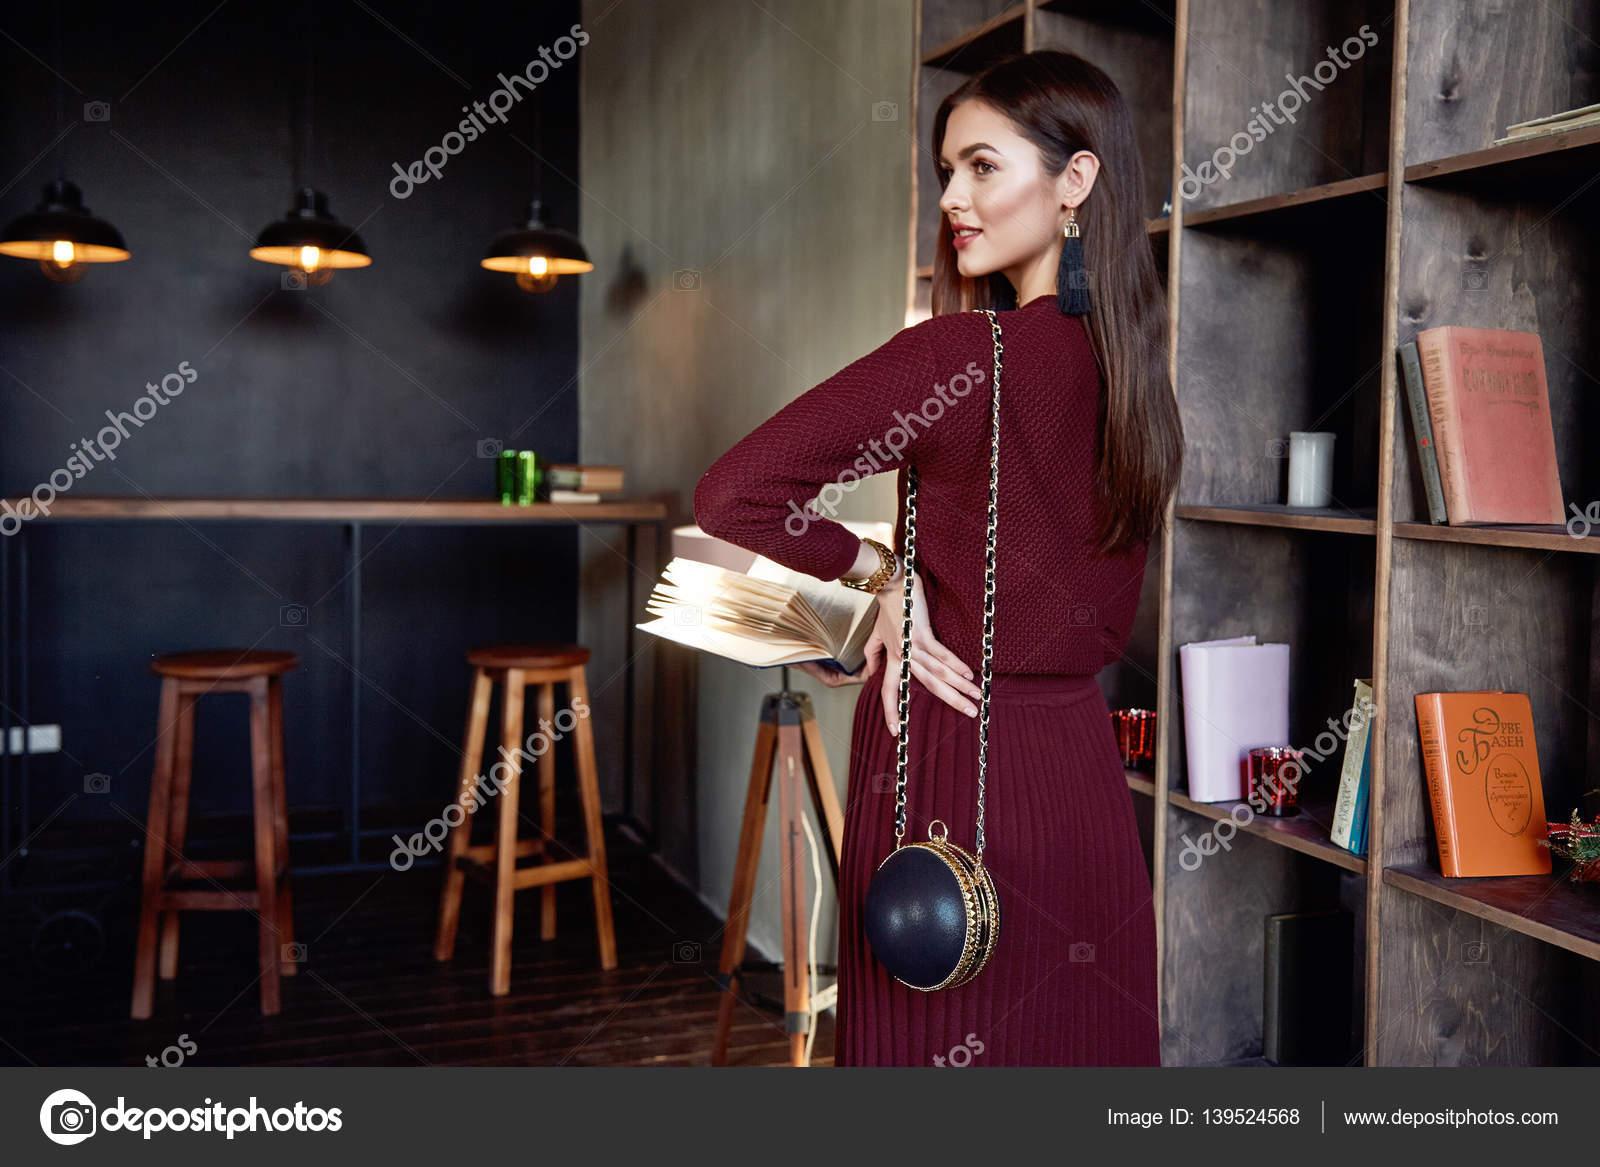 Ufficio Stile Moda : Stile moda vestito abito lana usura rosso signora business donna